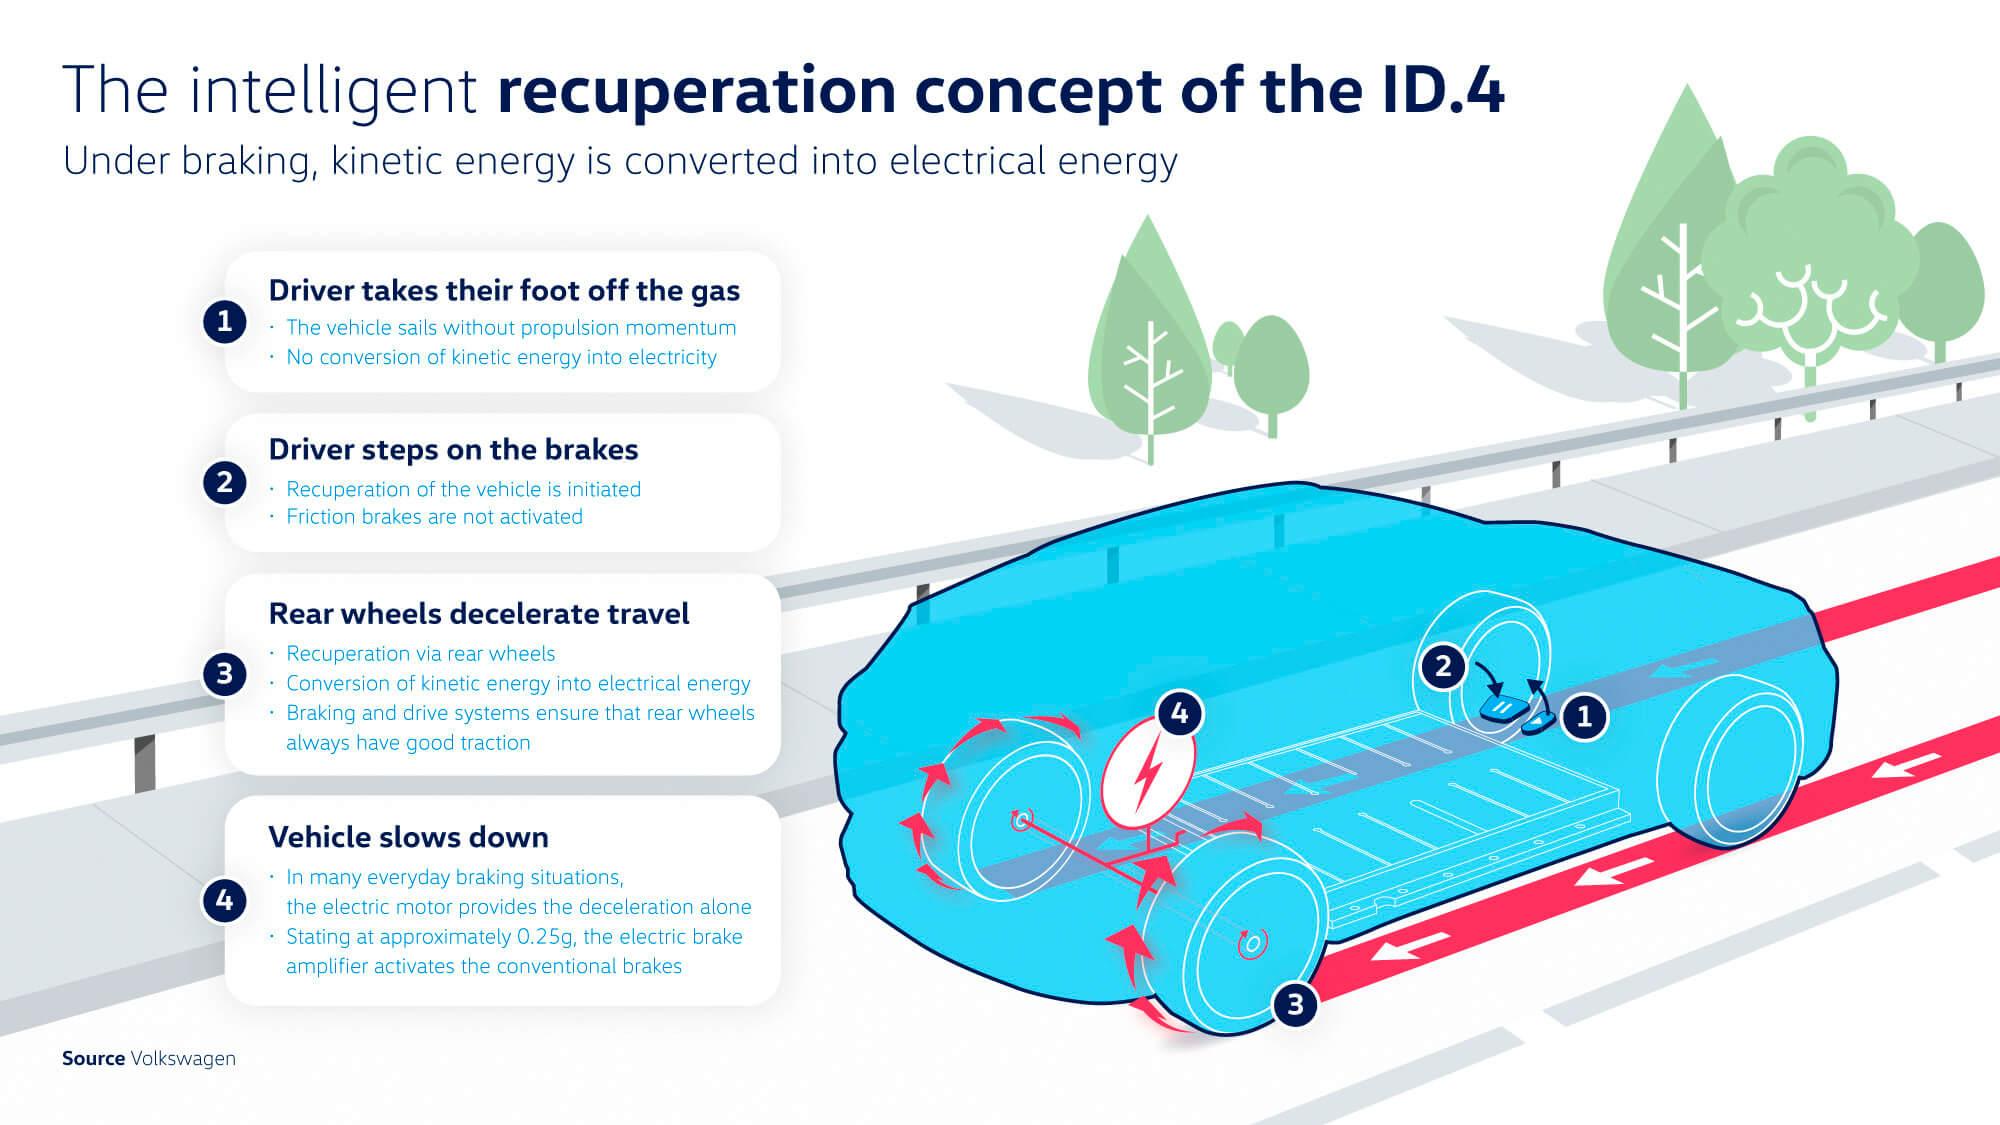 Ο έξυπνος τρόπος ανάκτησης ενέργειας του ID.4